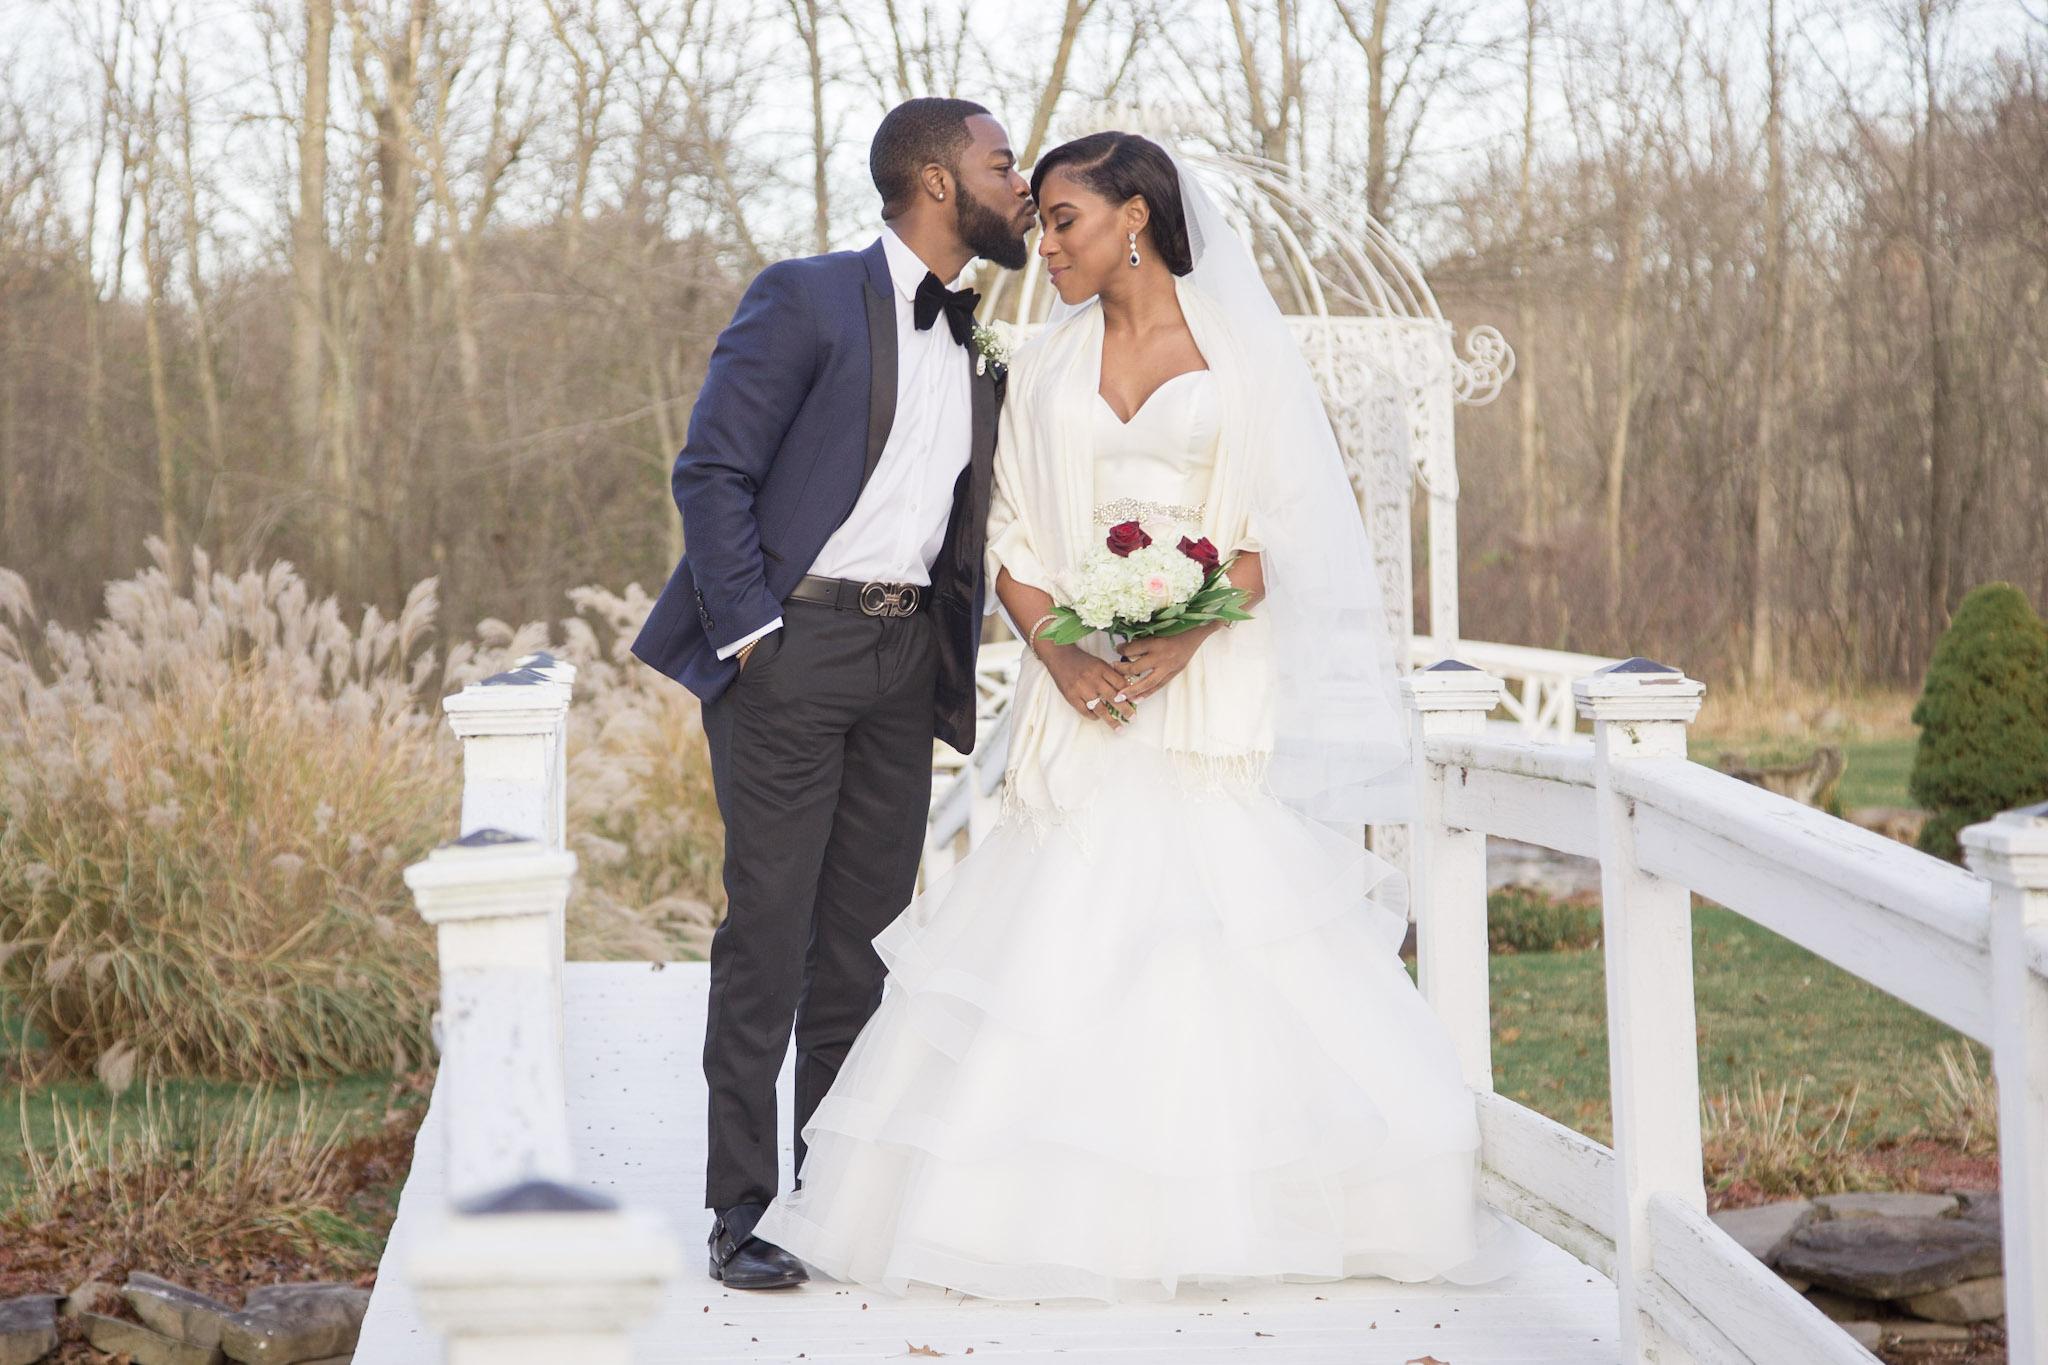 New Windsor Wedding, Melindanita Photography